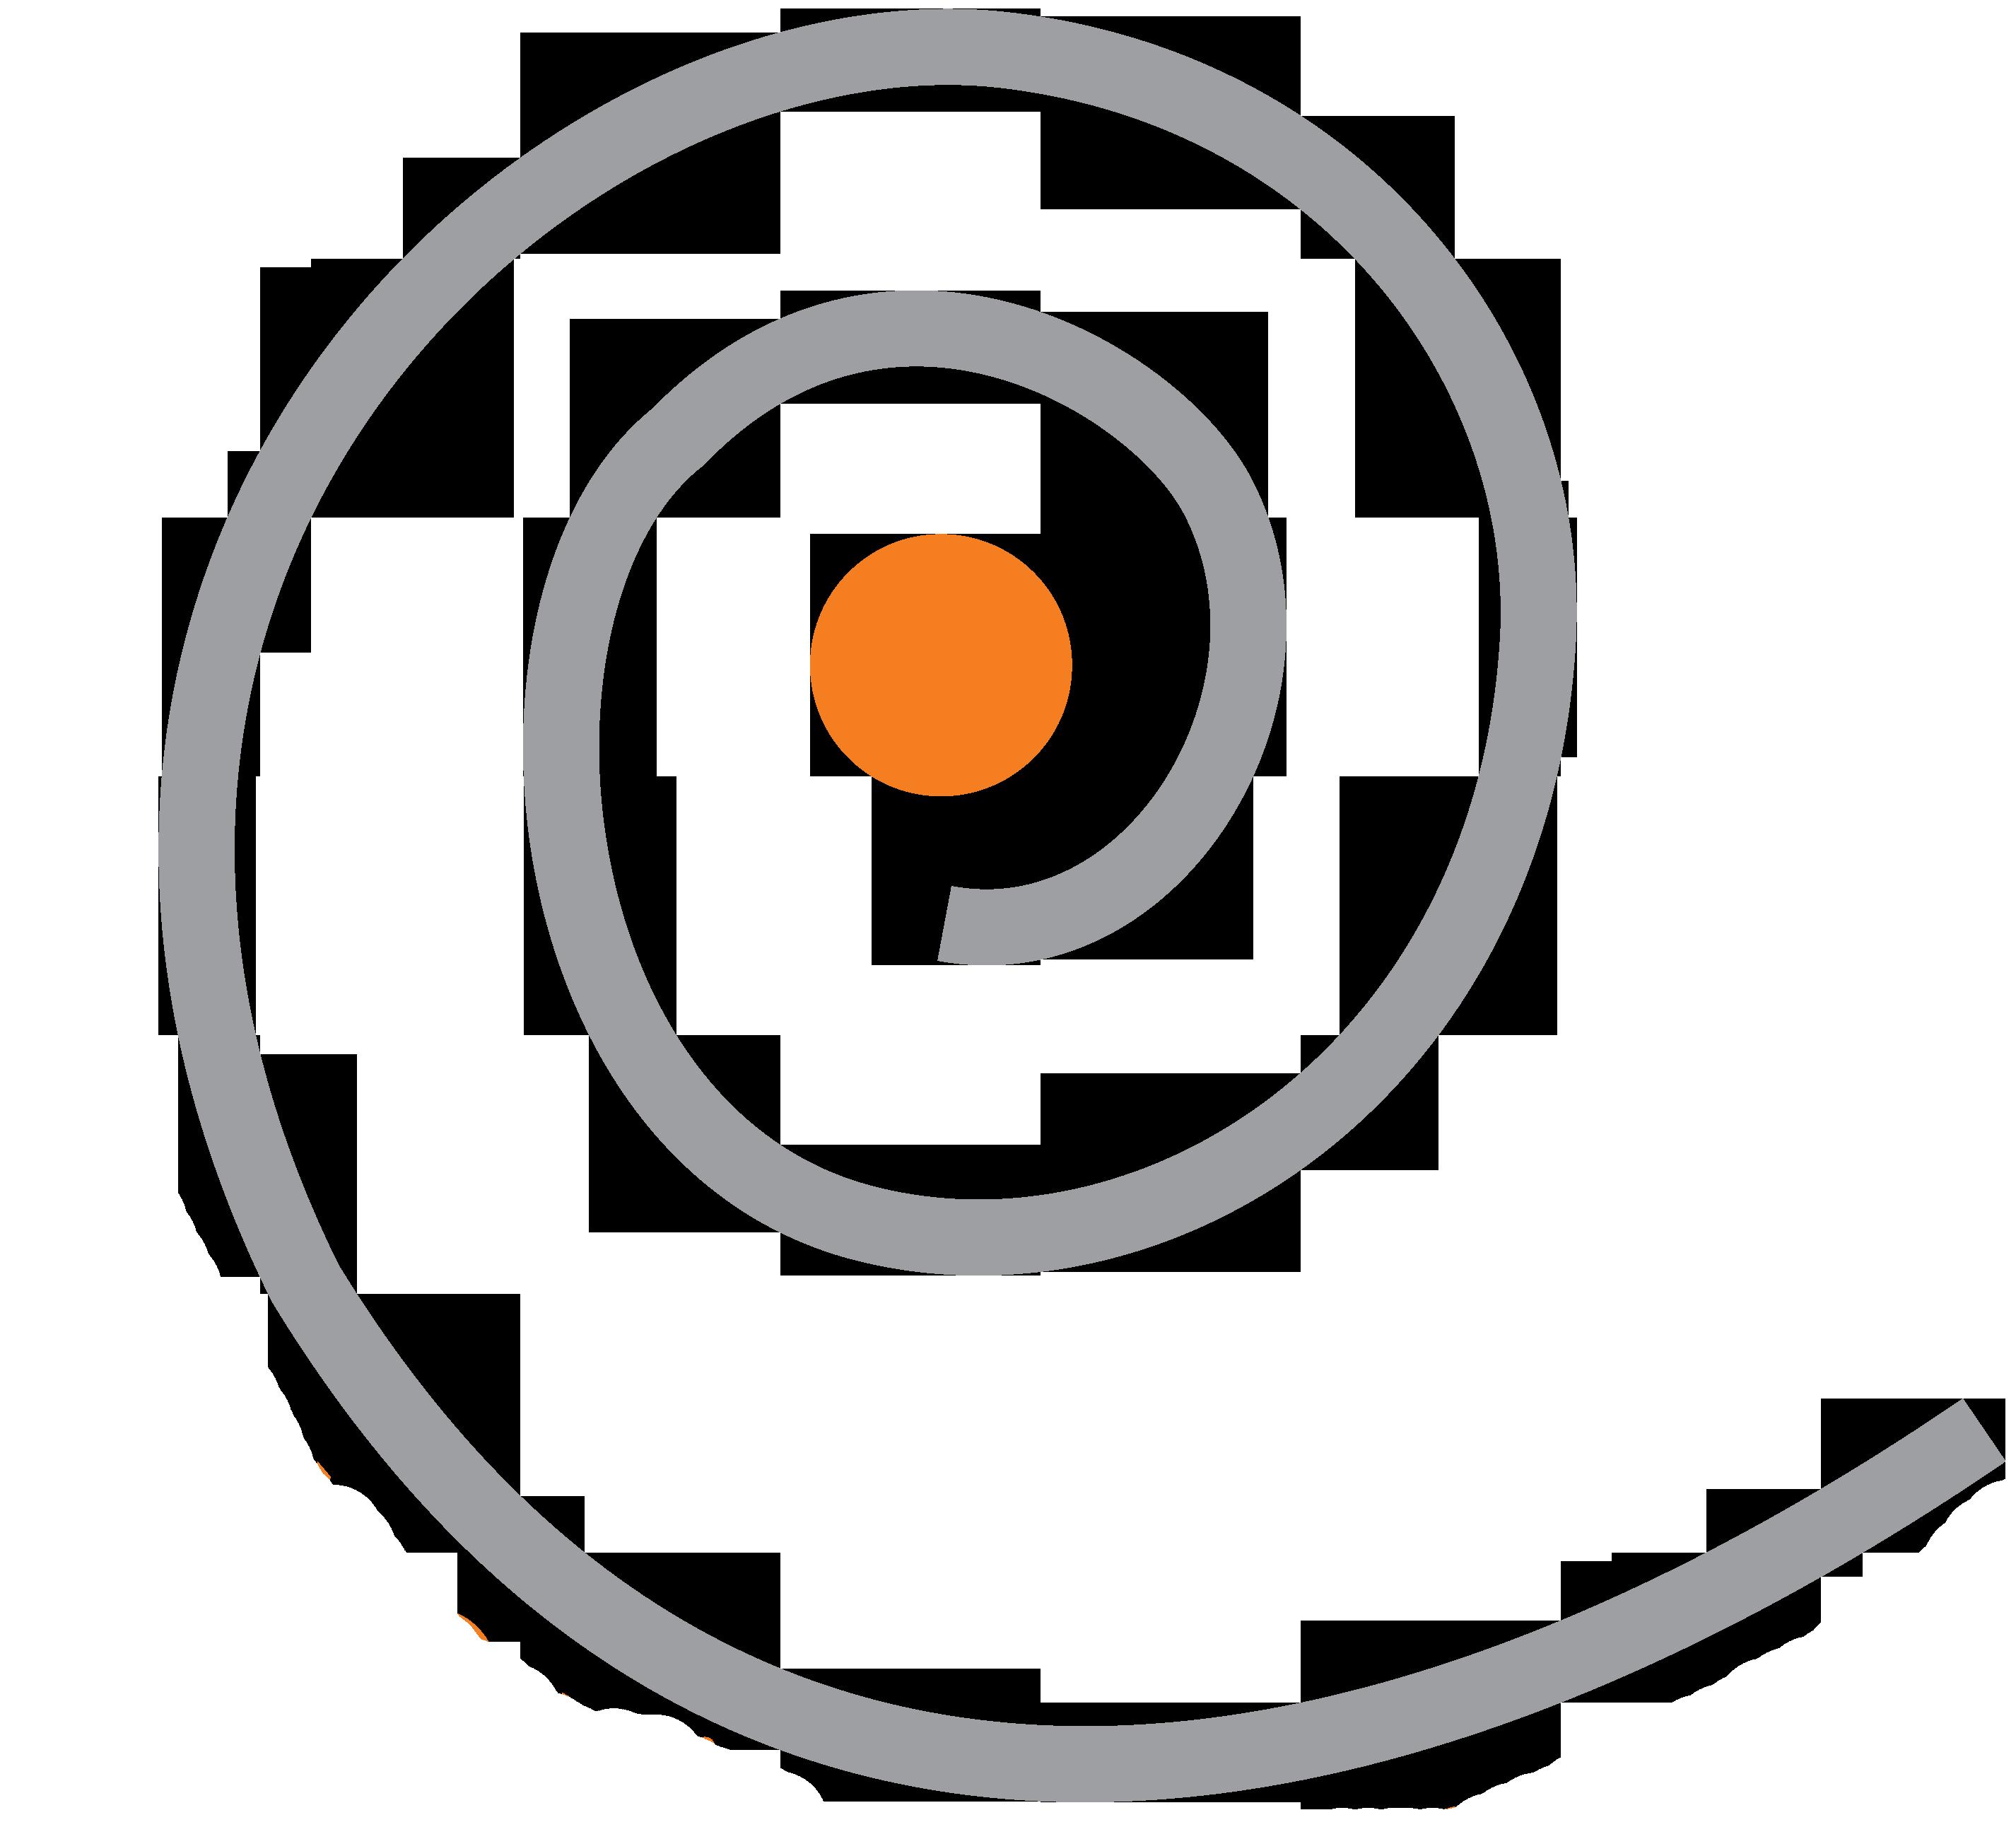 spirale ohne Schrift